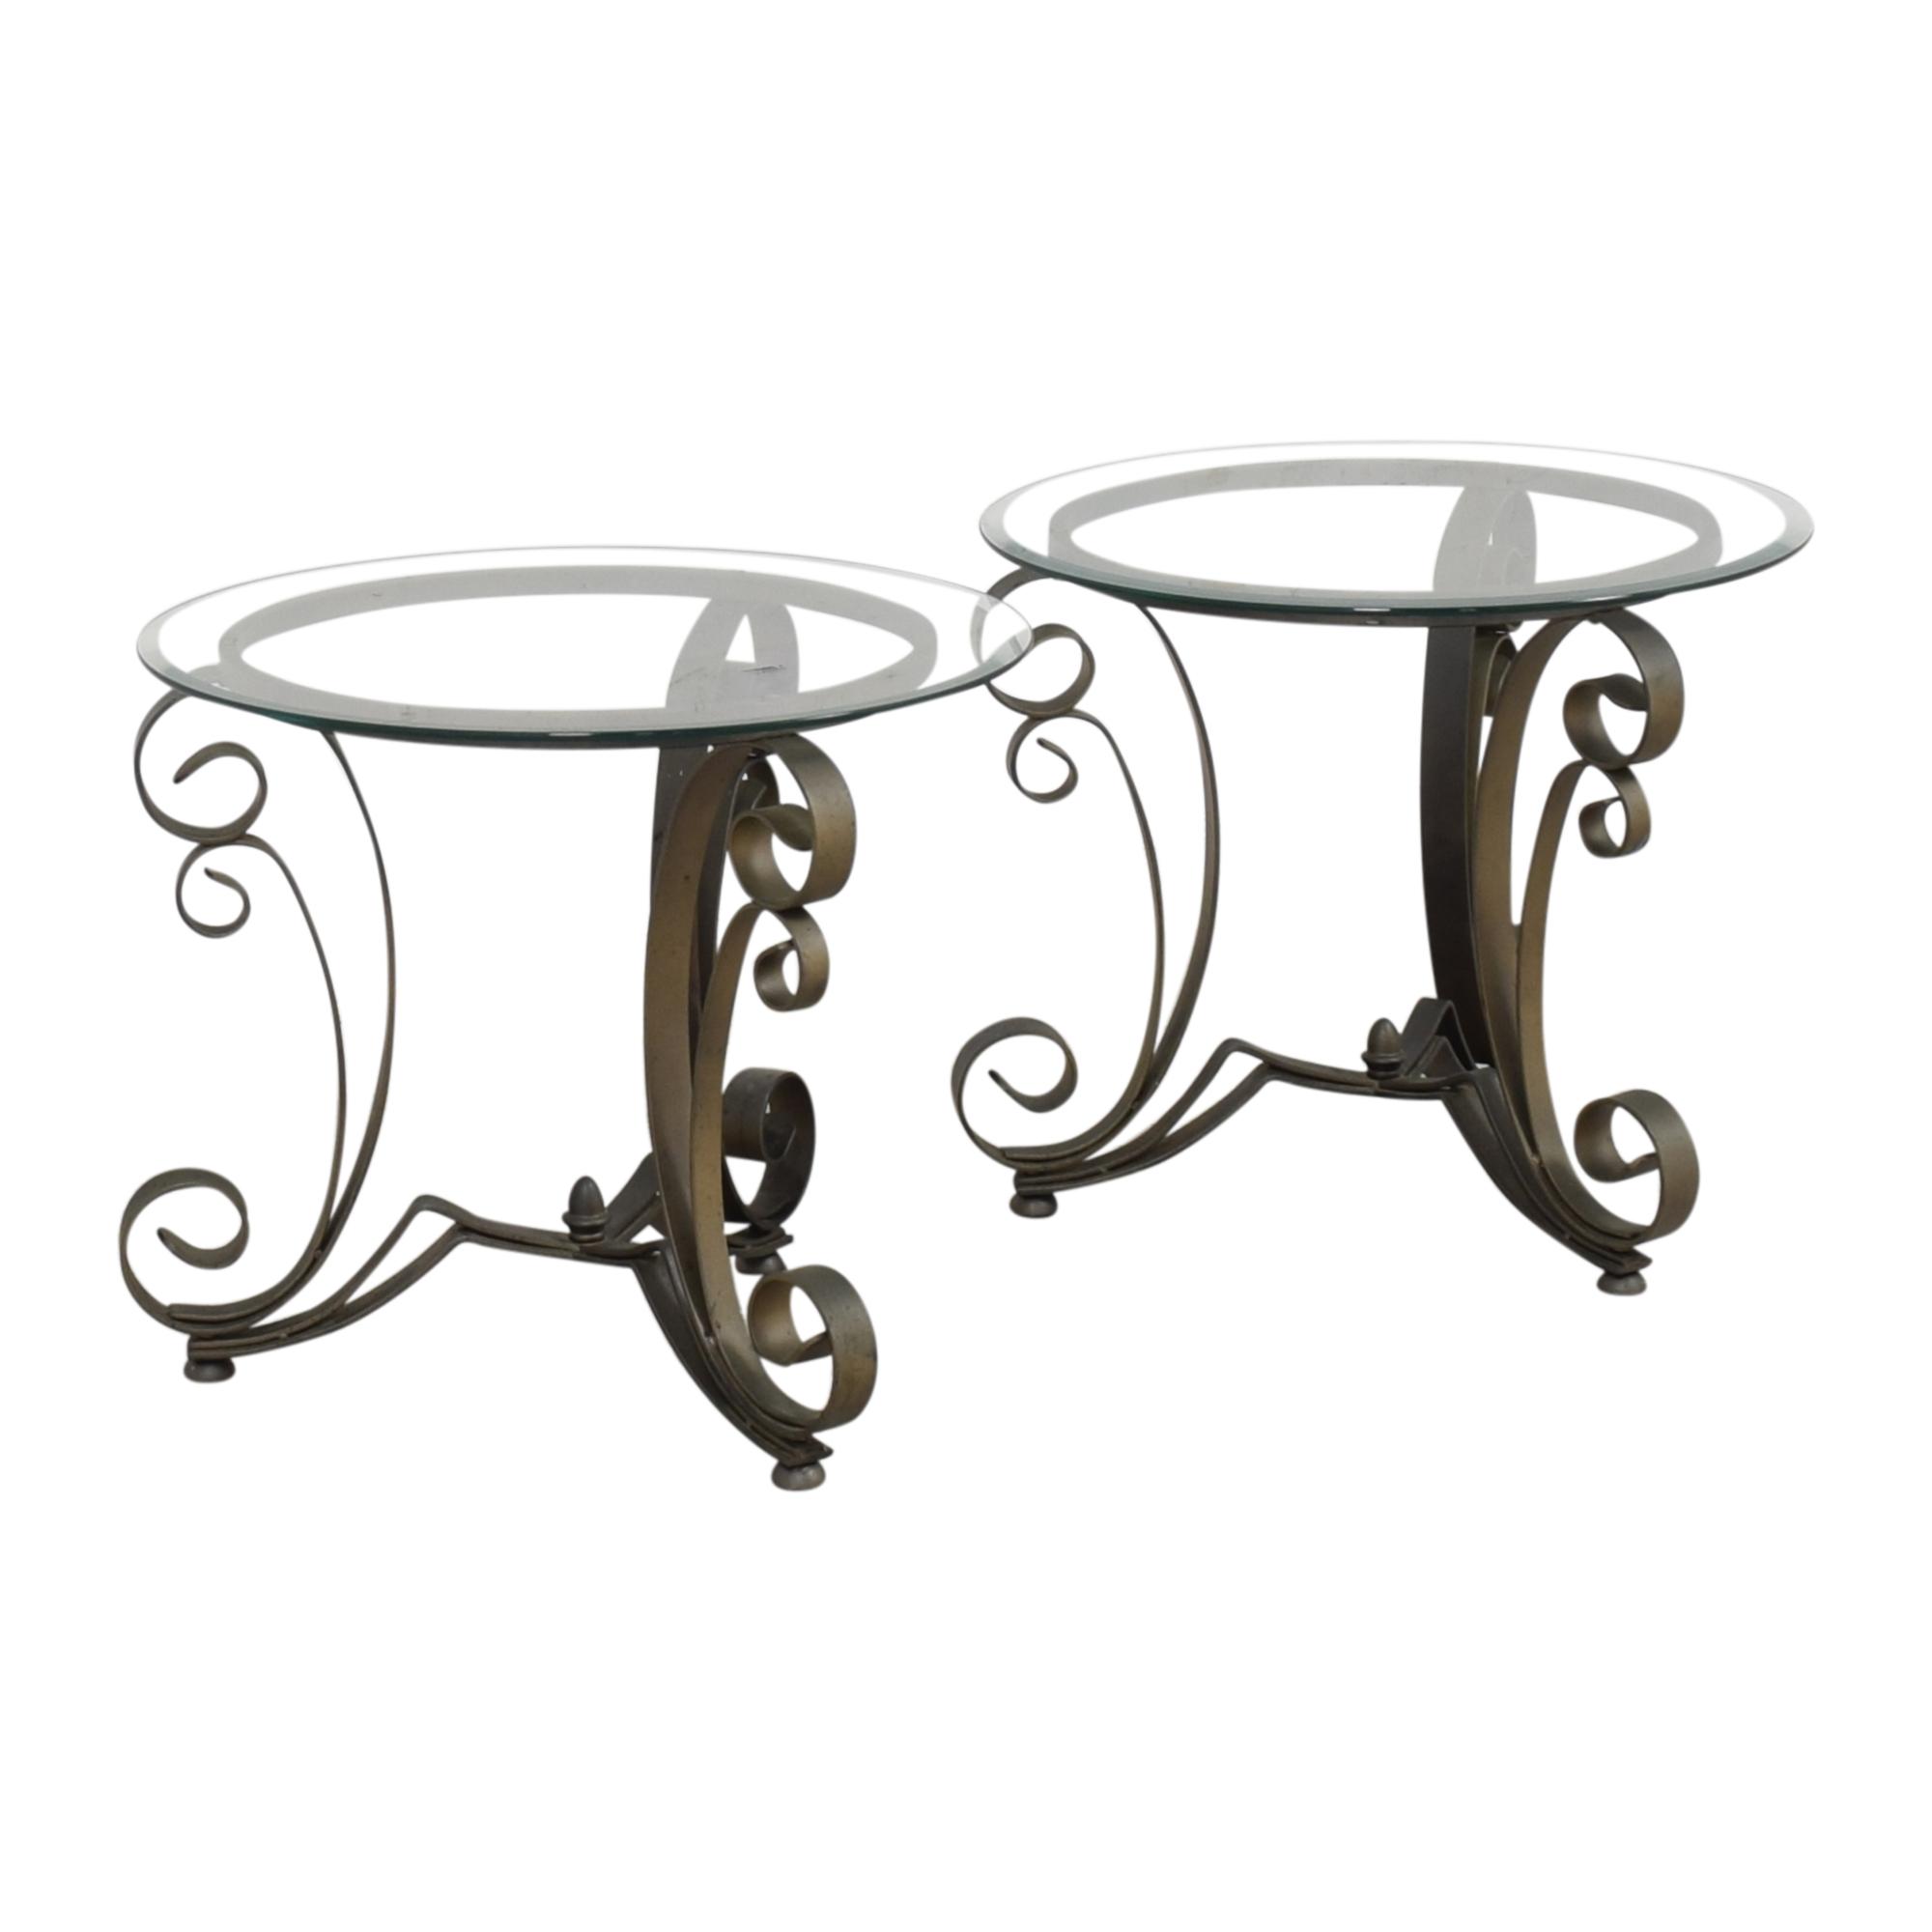 buy Bloomingdale's Art Deco End Tables Bloomingdale's End Tables